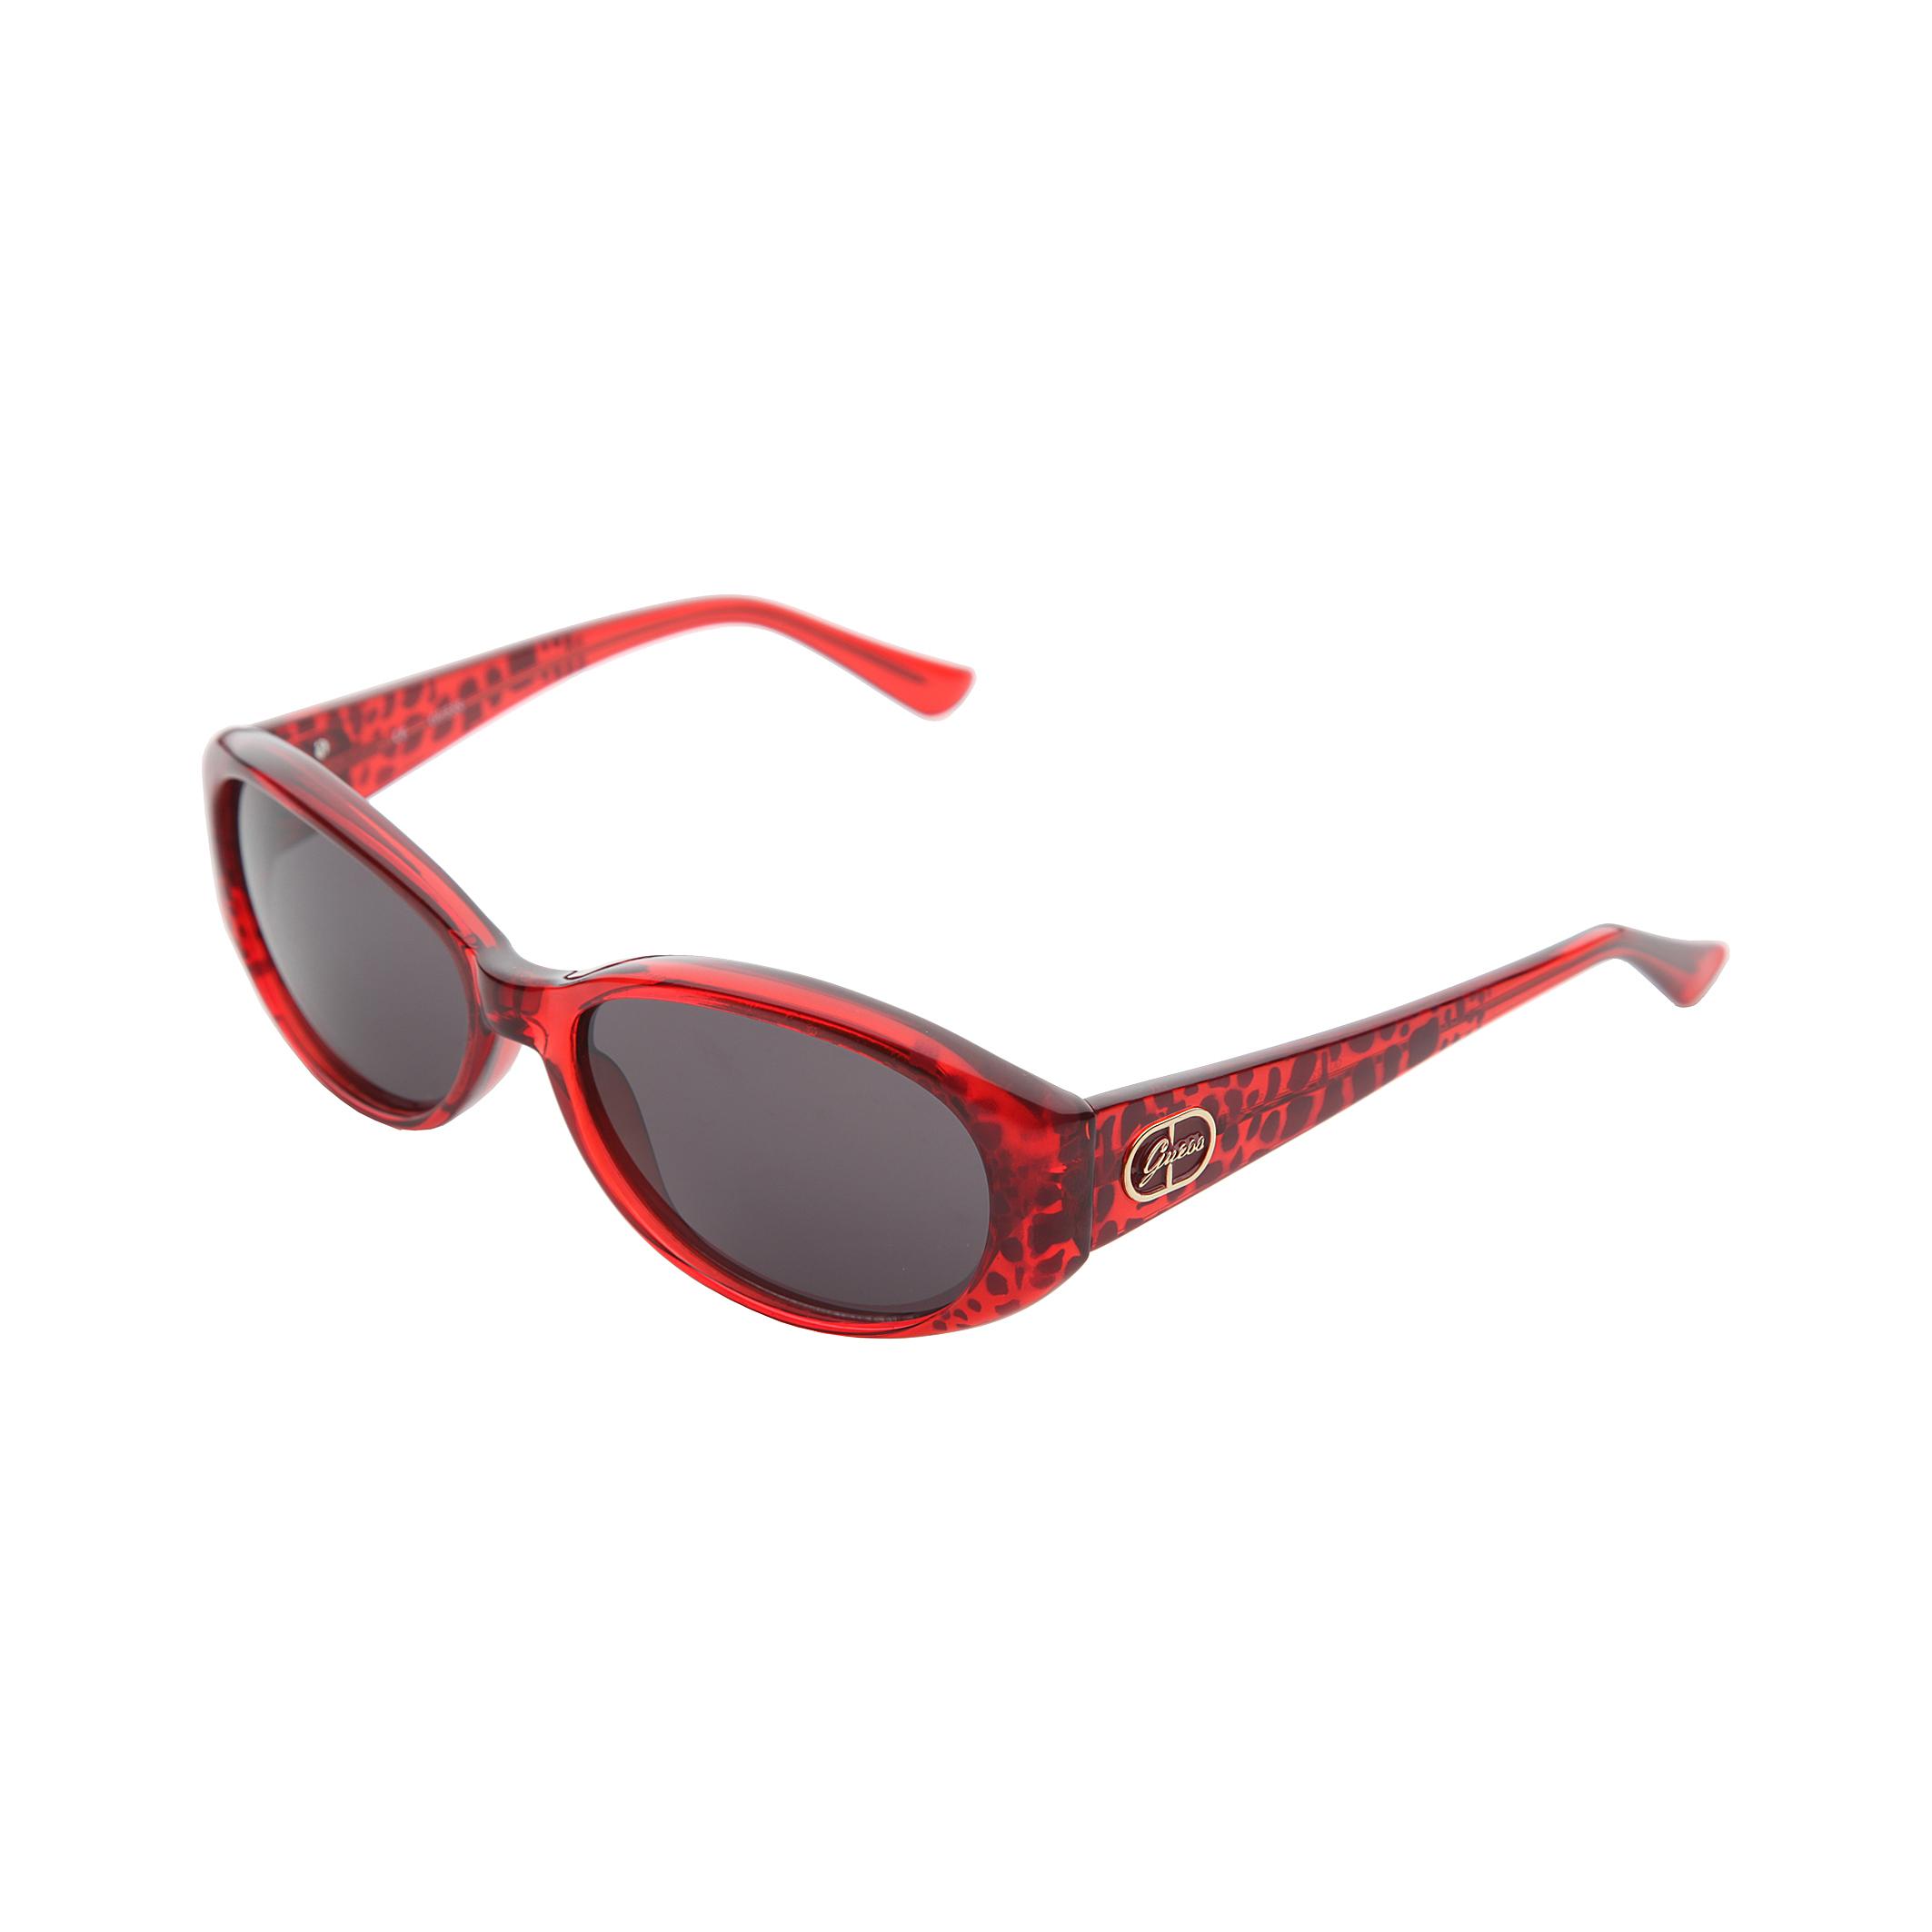 40452029af0 Ladies Sunglasses Ebay Australia